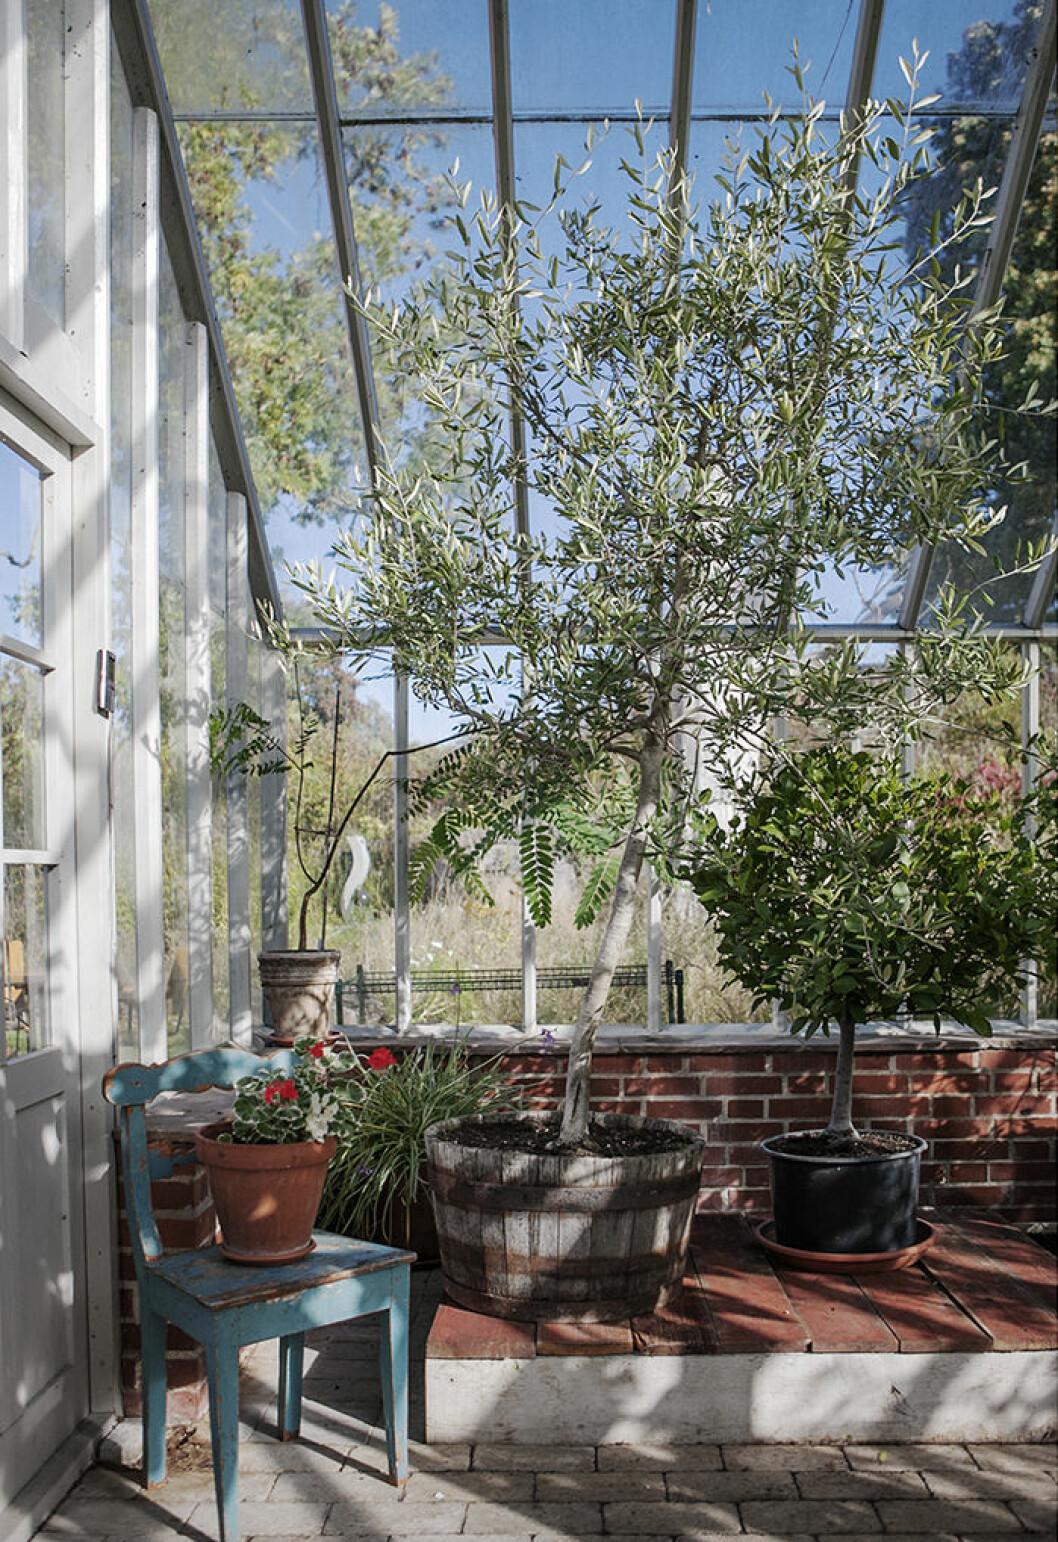 Skapa kontraster i växthuset genom att blanda träd, plantor och krukväxter.